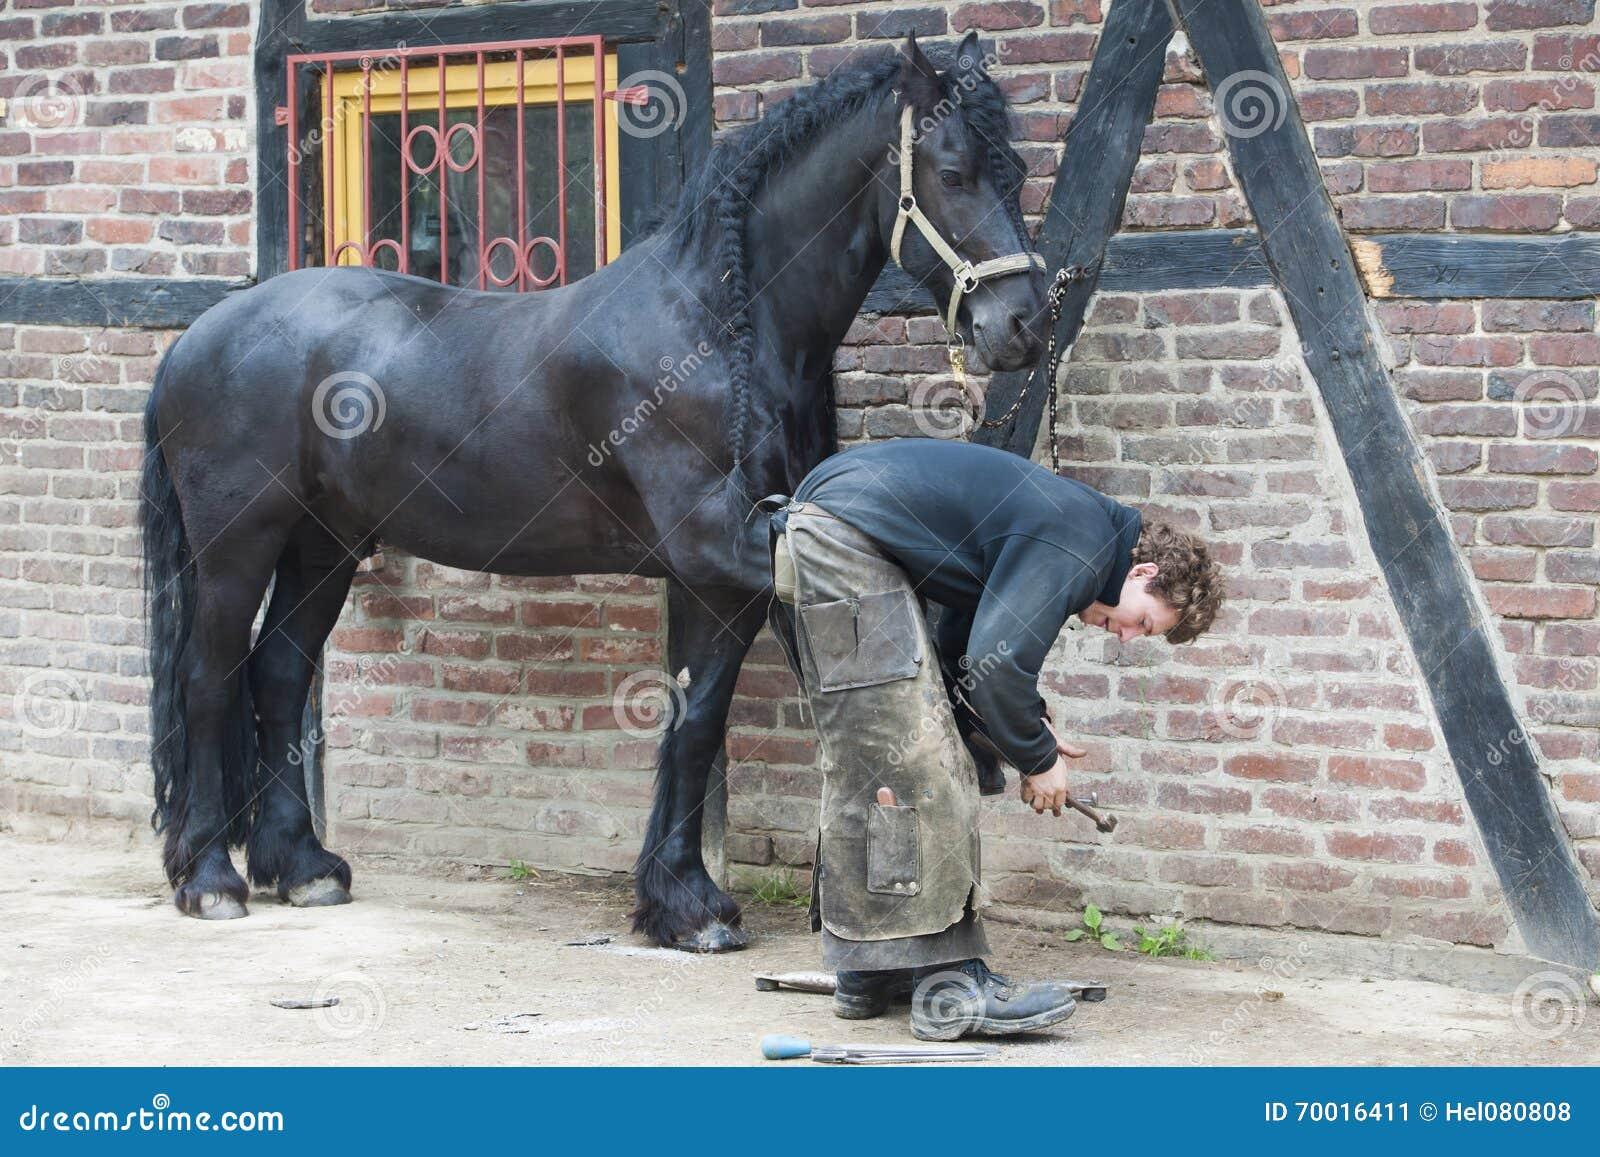 准备蹄的钉马掌铁匠